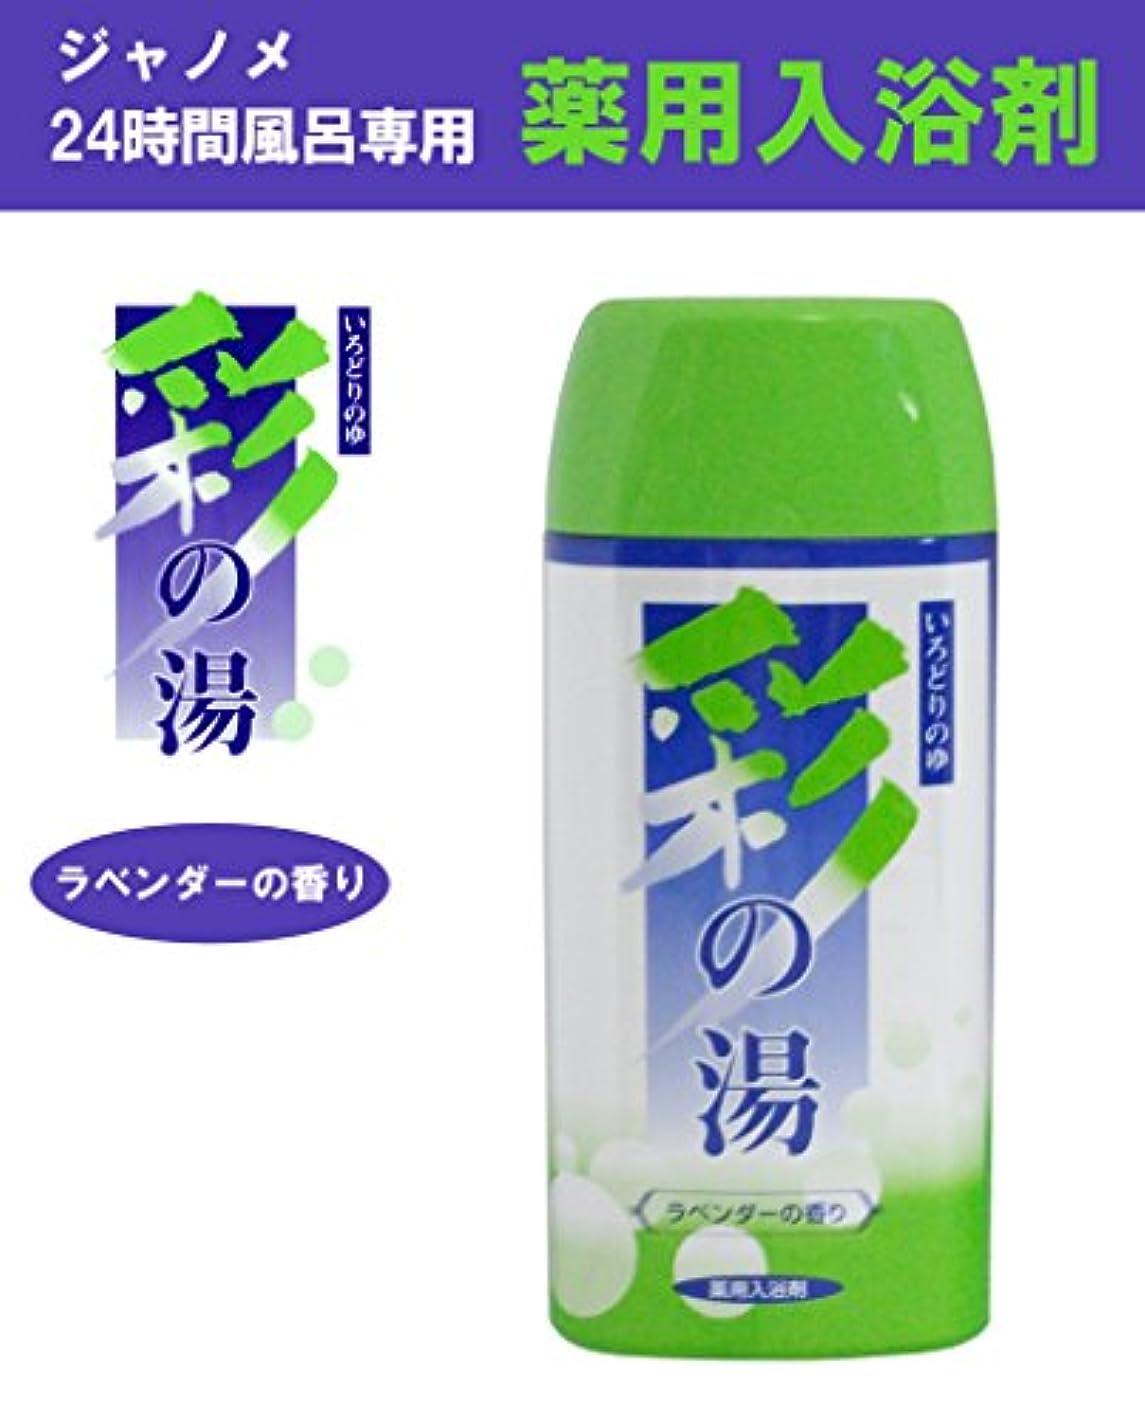 救出宣教師浴ジャノメ 彩の湯 (24時間風呂専用 薬用入浴剤 ラベンダーの香り )